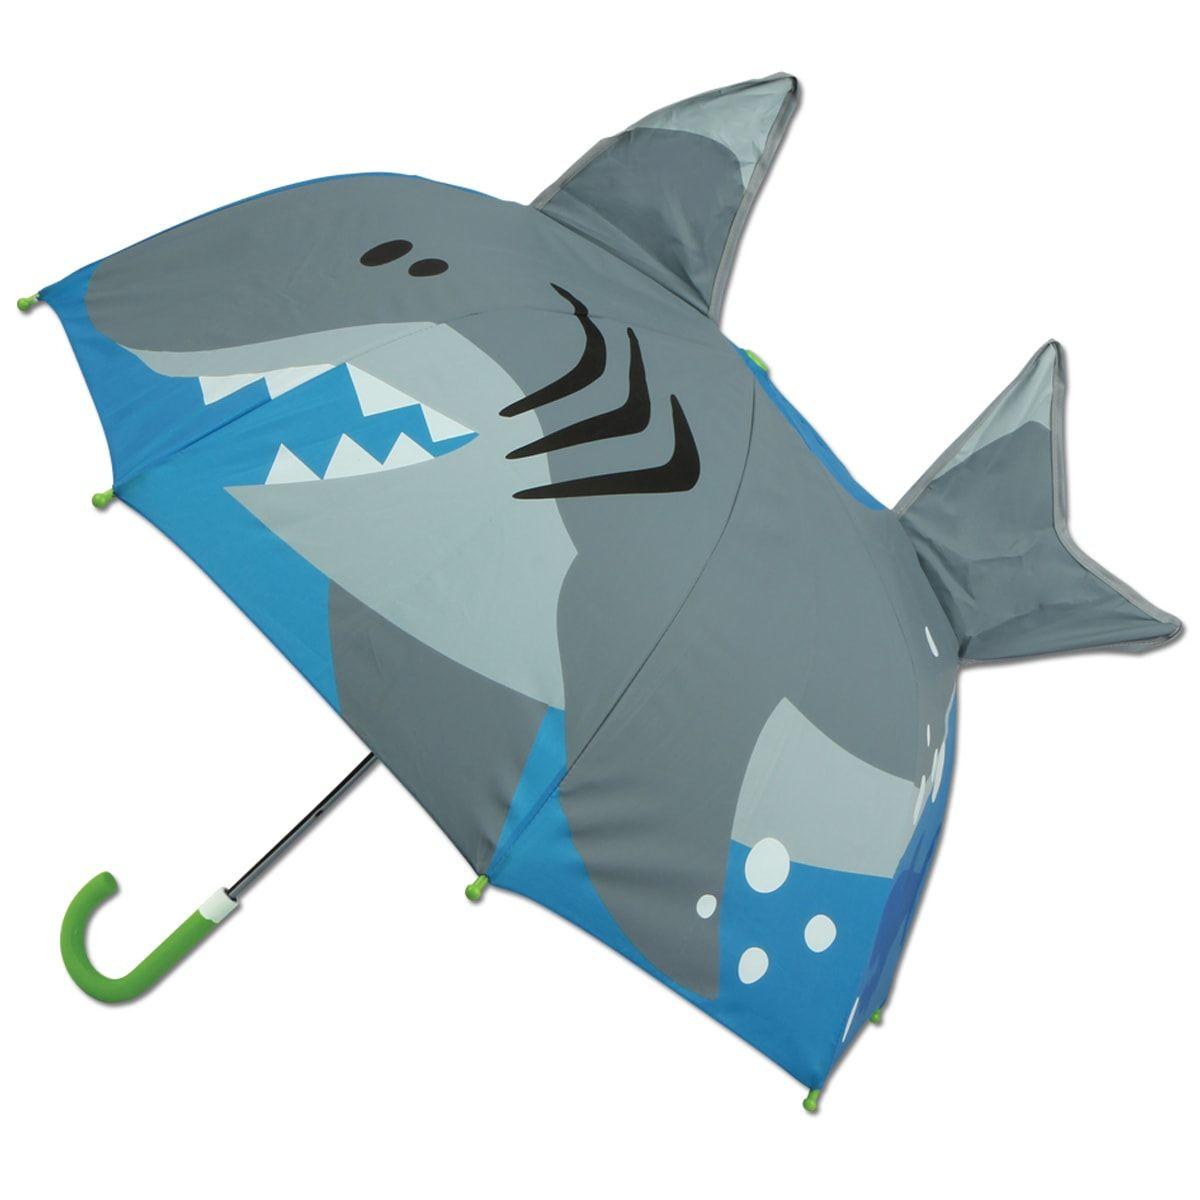 Зонт детский АкулаРебенку<br>Зонт детский Акула<br> <br> С таким зонтиком не страшно и под дождем прогуляться, необычный подарок каждому ребенку.<br>Размер: 60 х 66 см; Объем: None; Материал: Полипропилен; Цвет: Голубой;